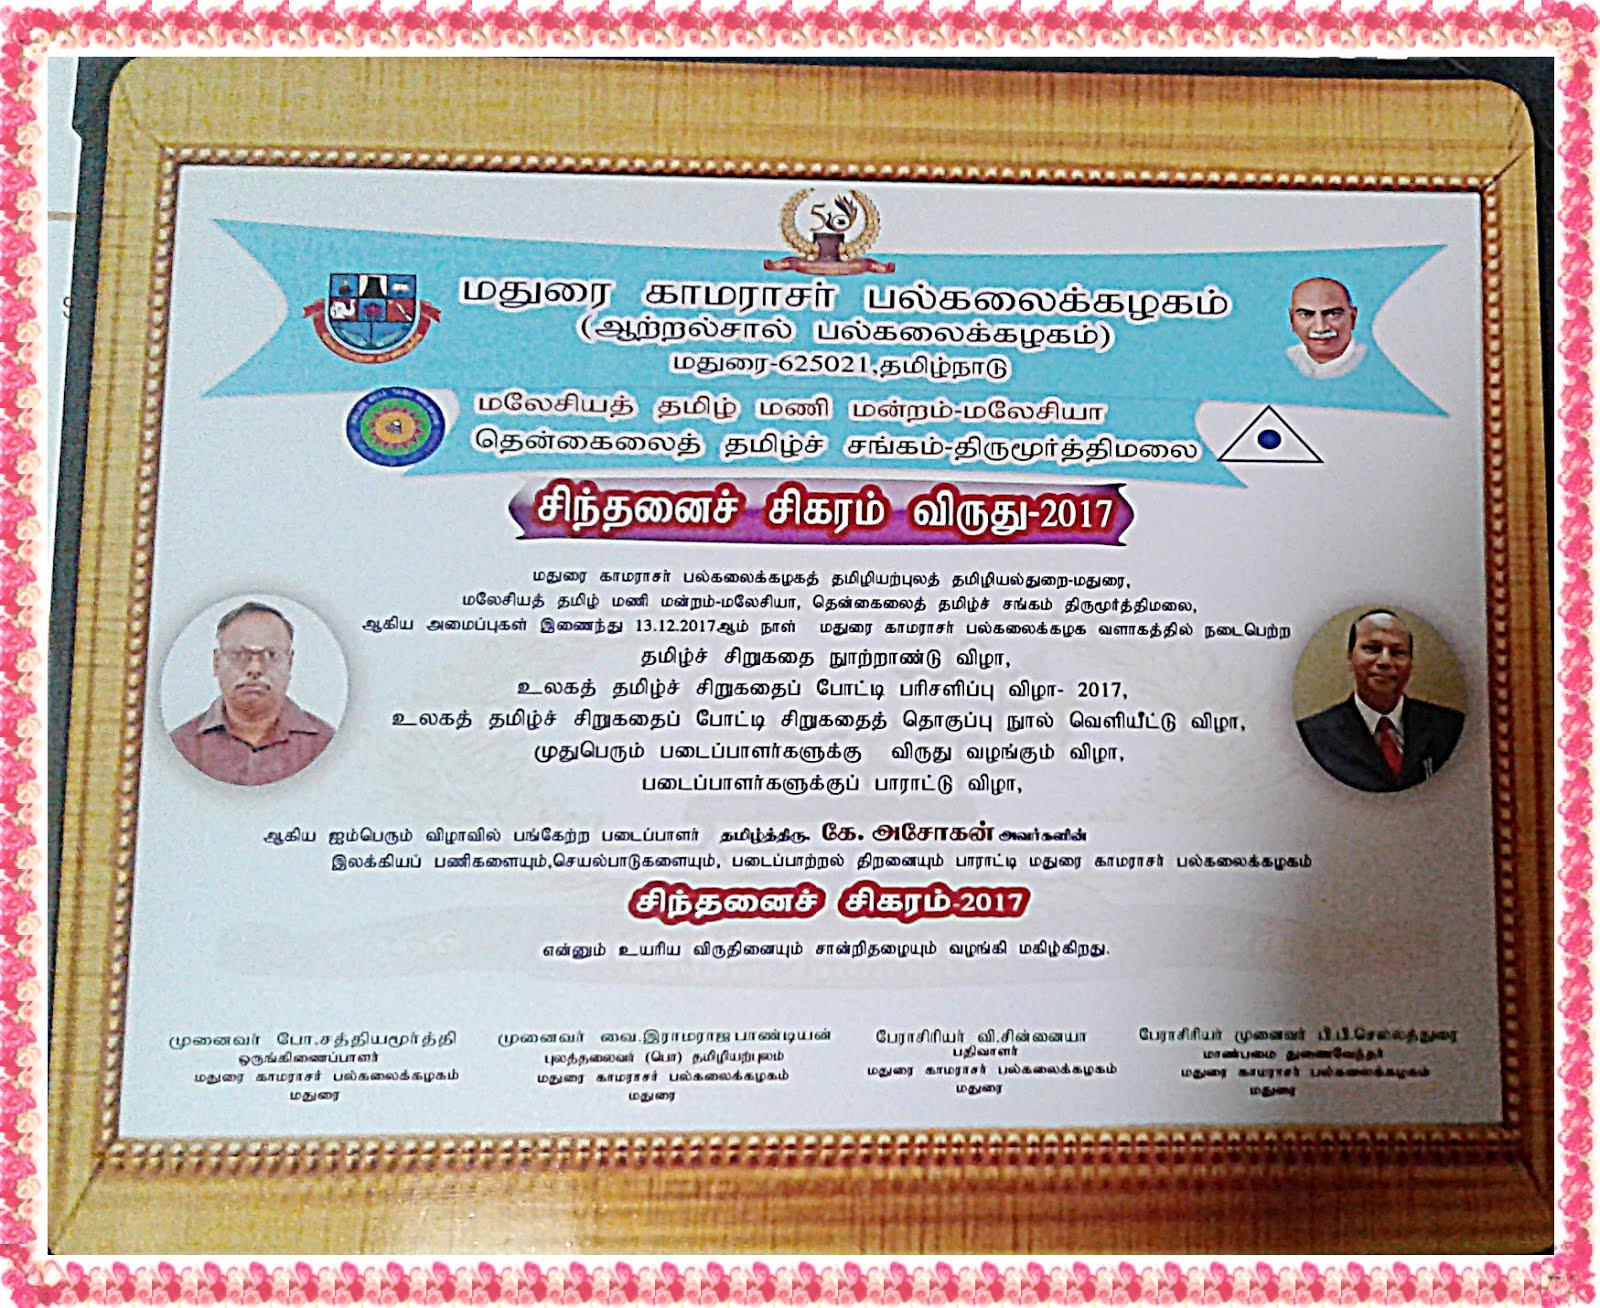 சிந்தனைச் சிகரம் விருது 2017